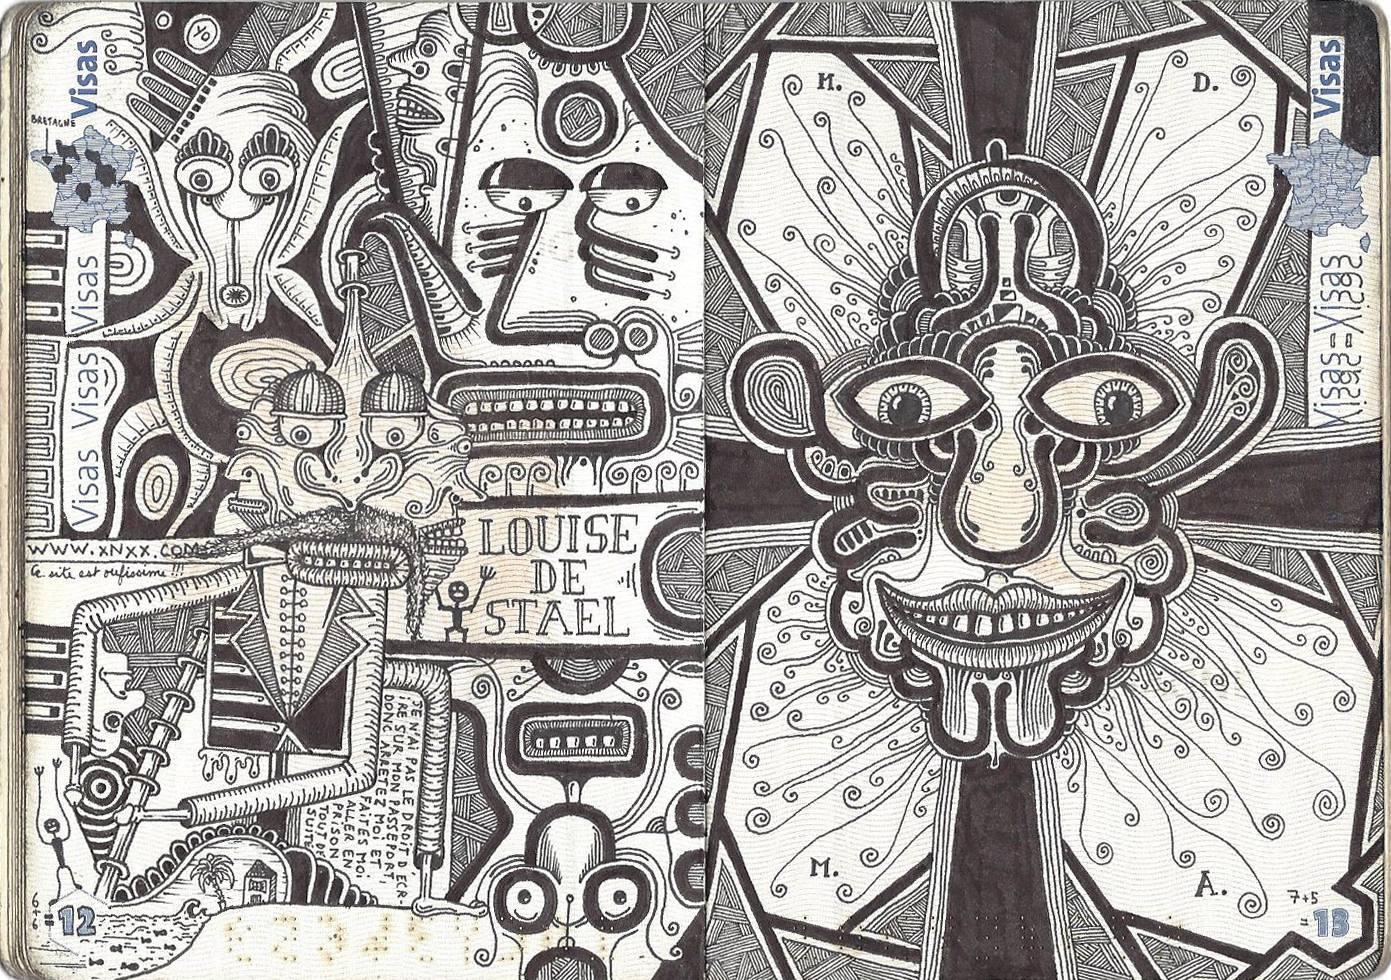 passport illustration 7